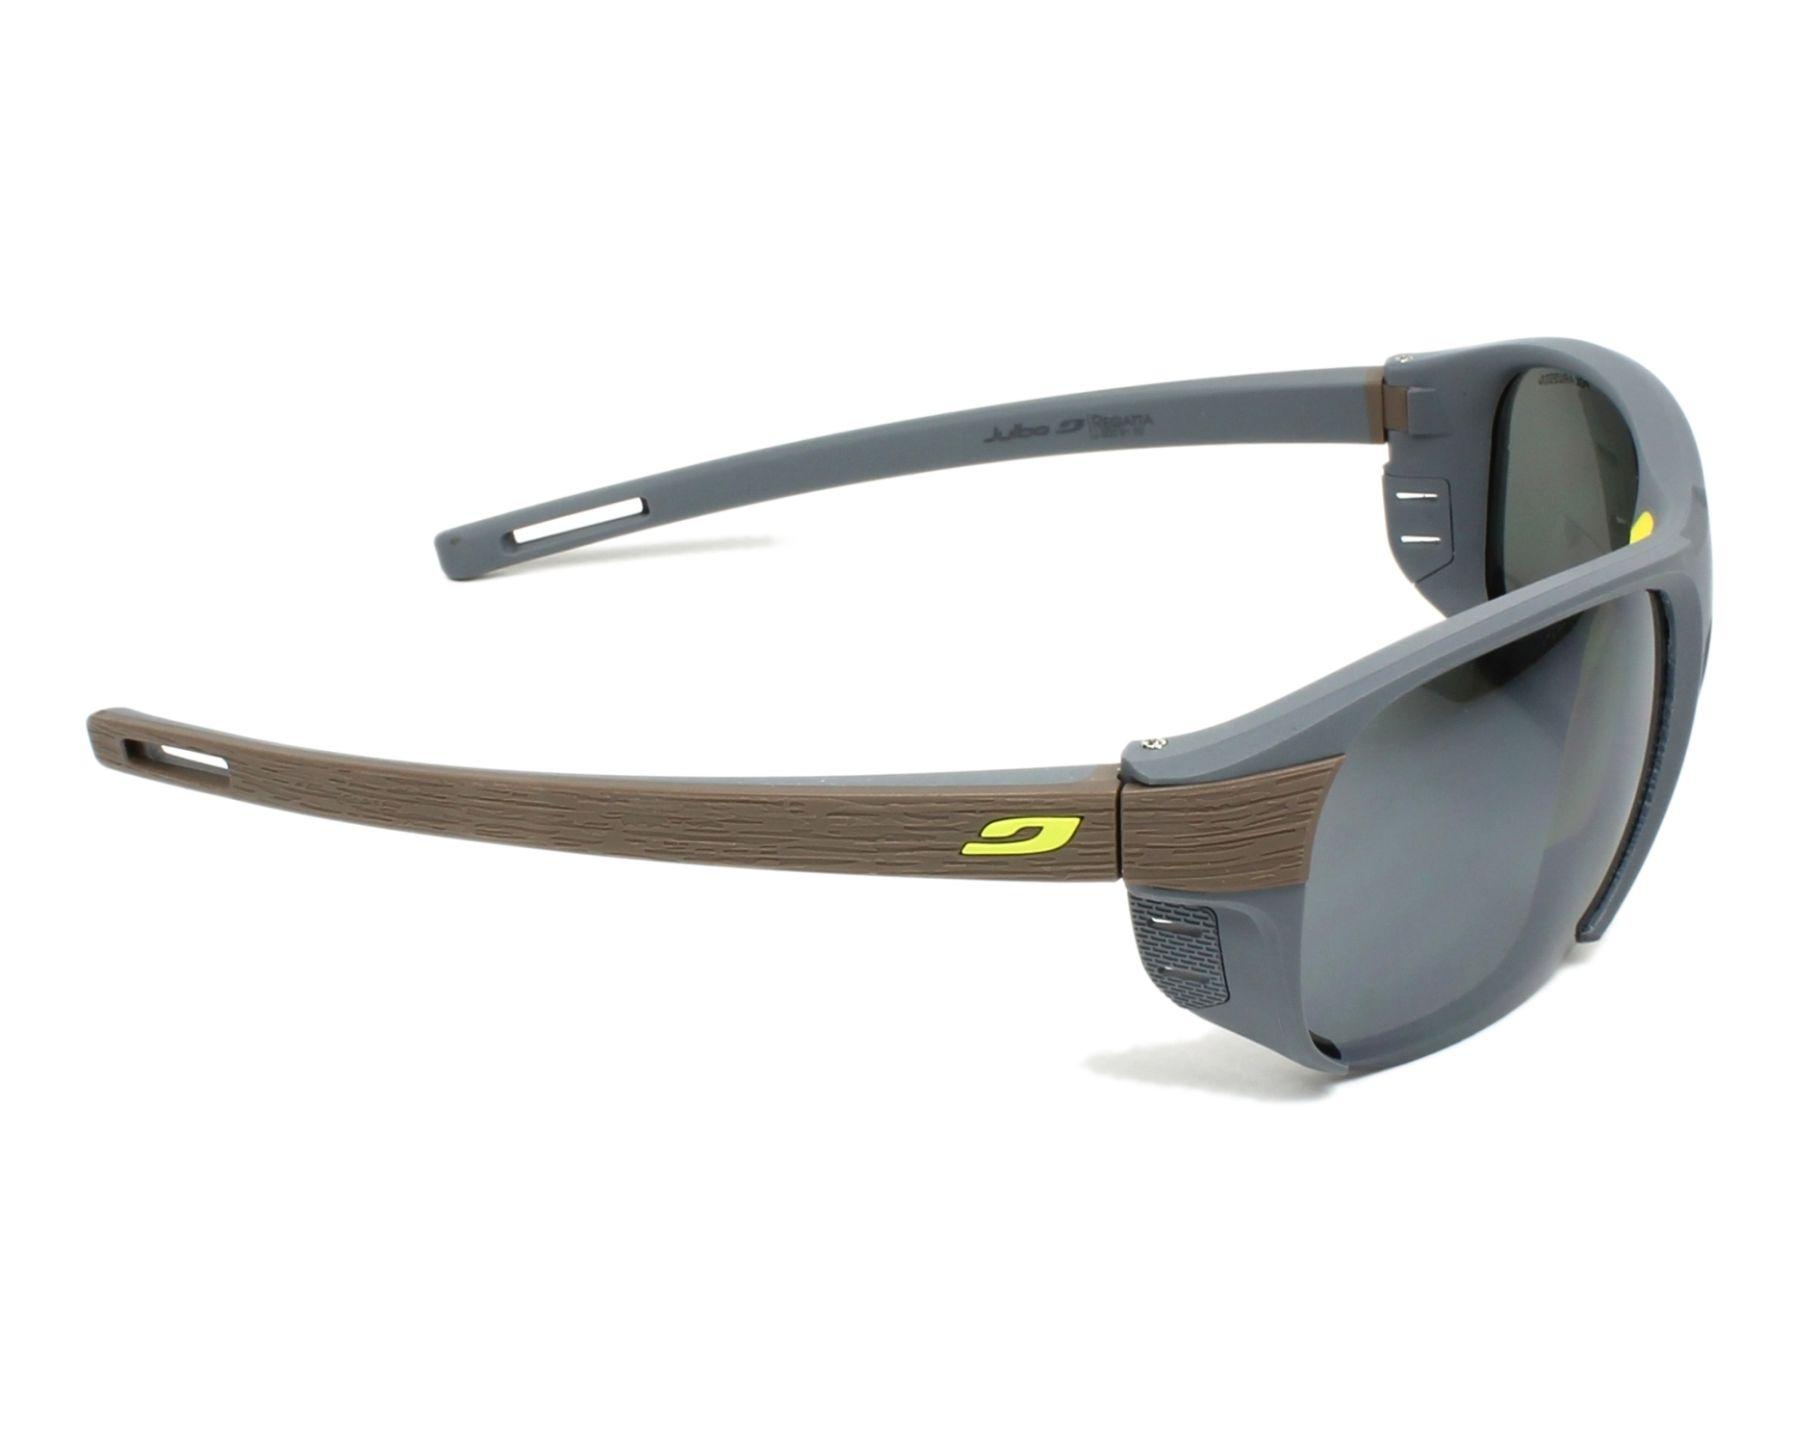 acheter des lunettes de soleil julbo j500 9120 visionet. Black Bedroom Furniture Sets. Home Design Ideas